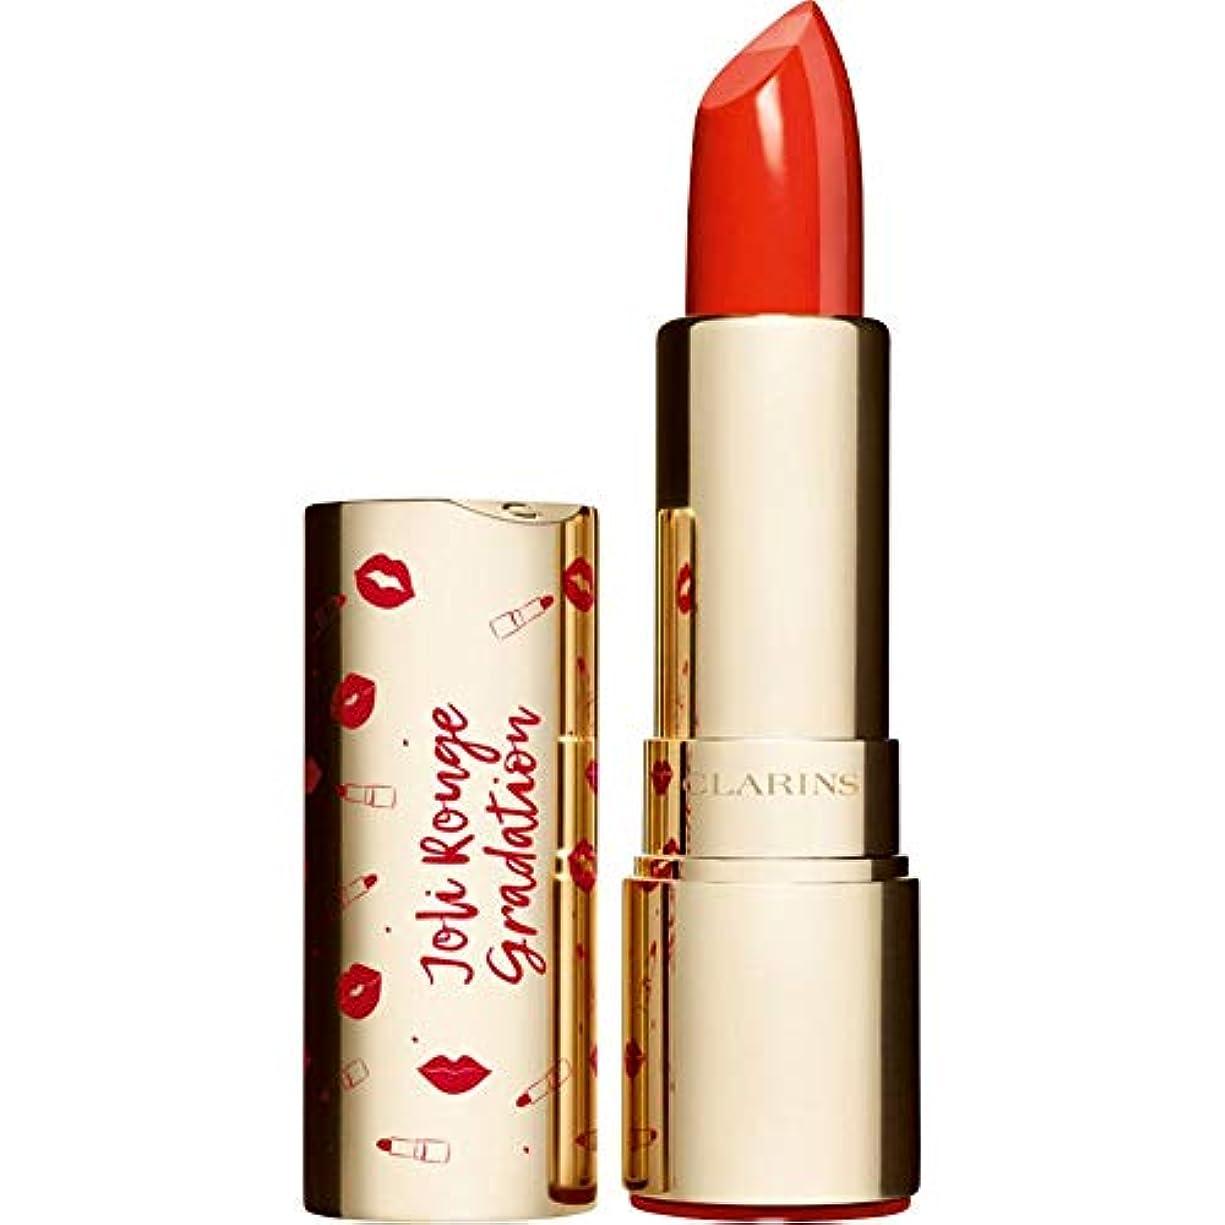 不愉快ファンシー文芸[Clarins] クラランスジョリルージュグラデーションツートンカラーの口紅3.5グラム801 - 珊瑚グラデーション - Clarins Joli Rouge Gradation Two-Toned Lipstick...